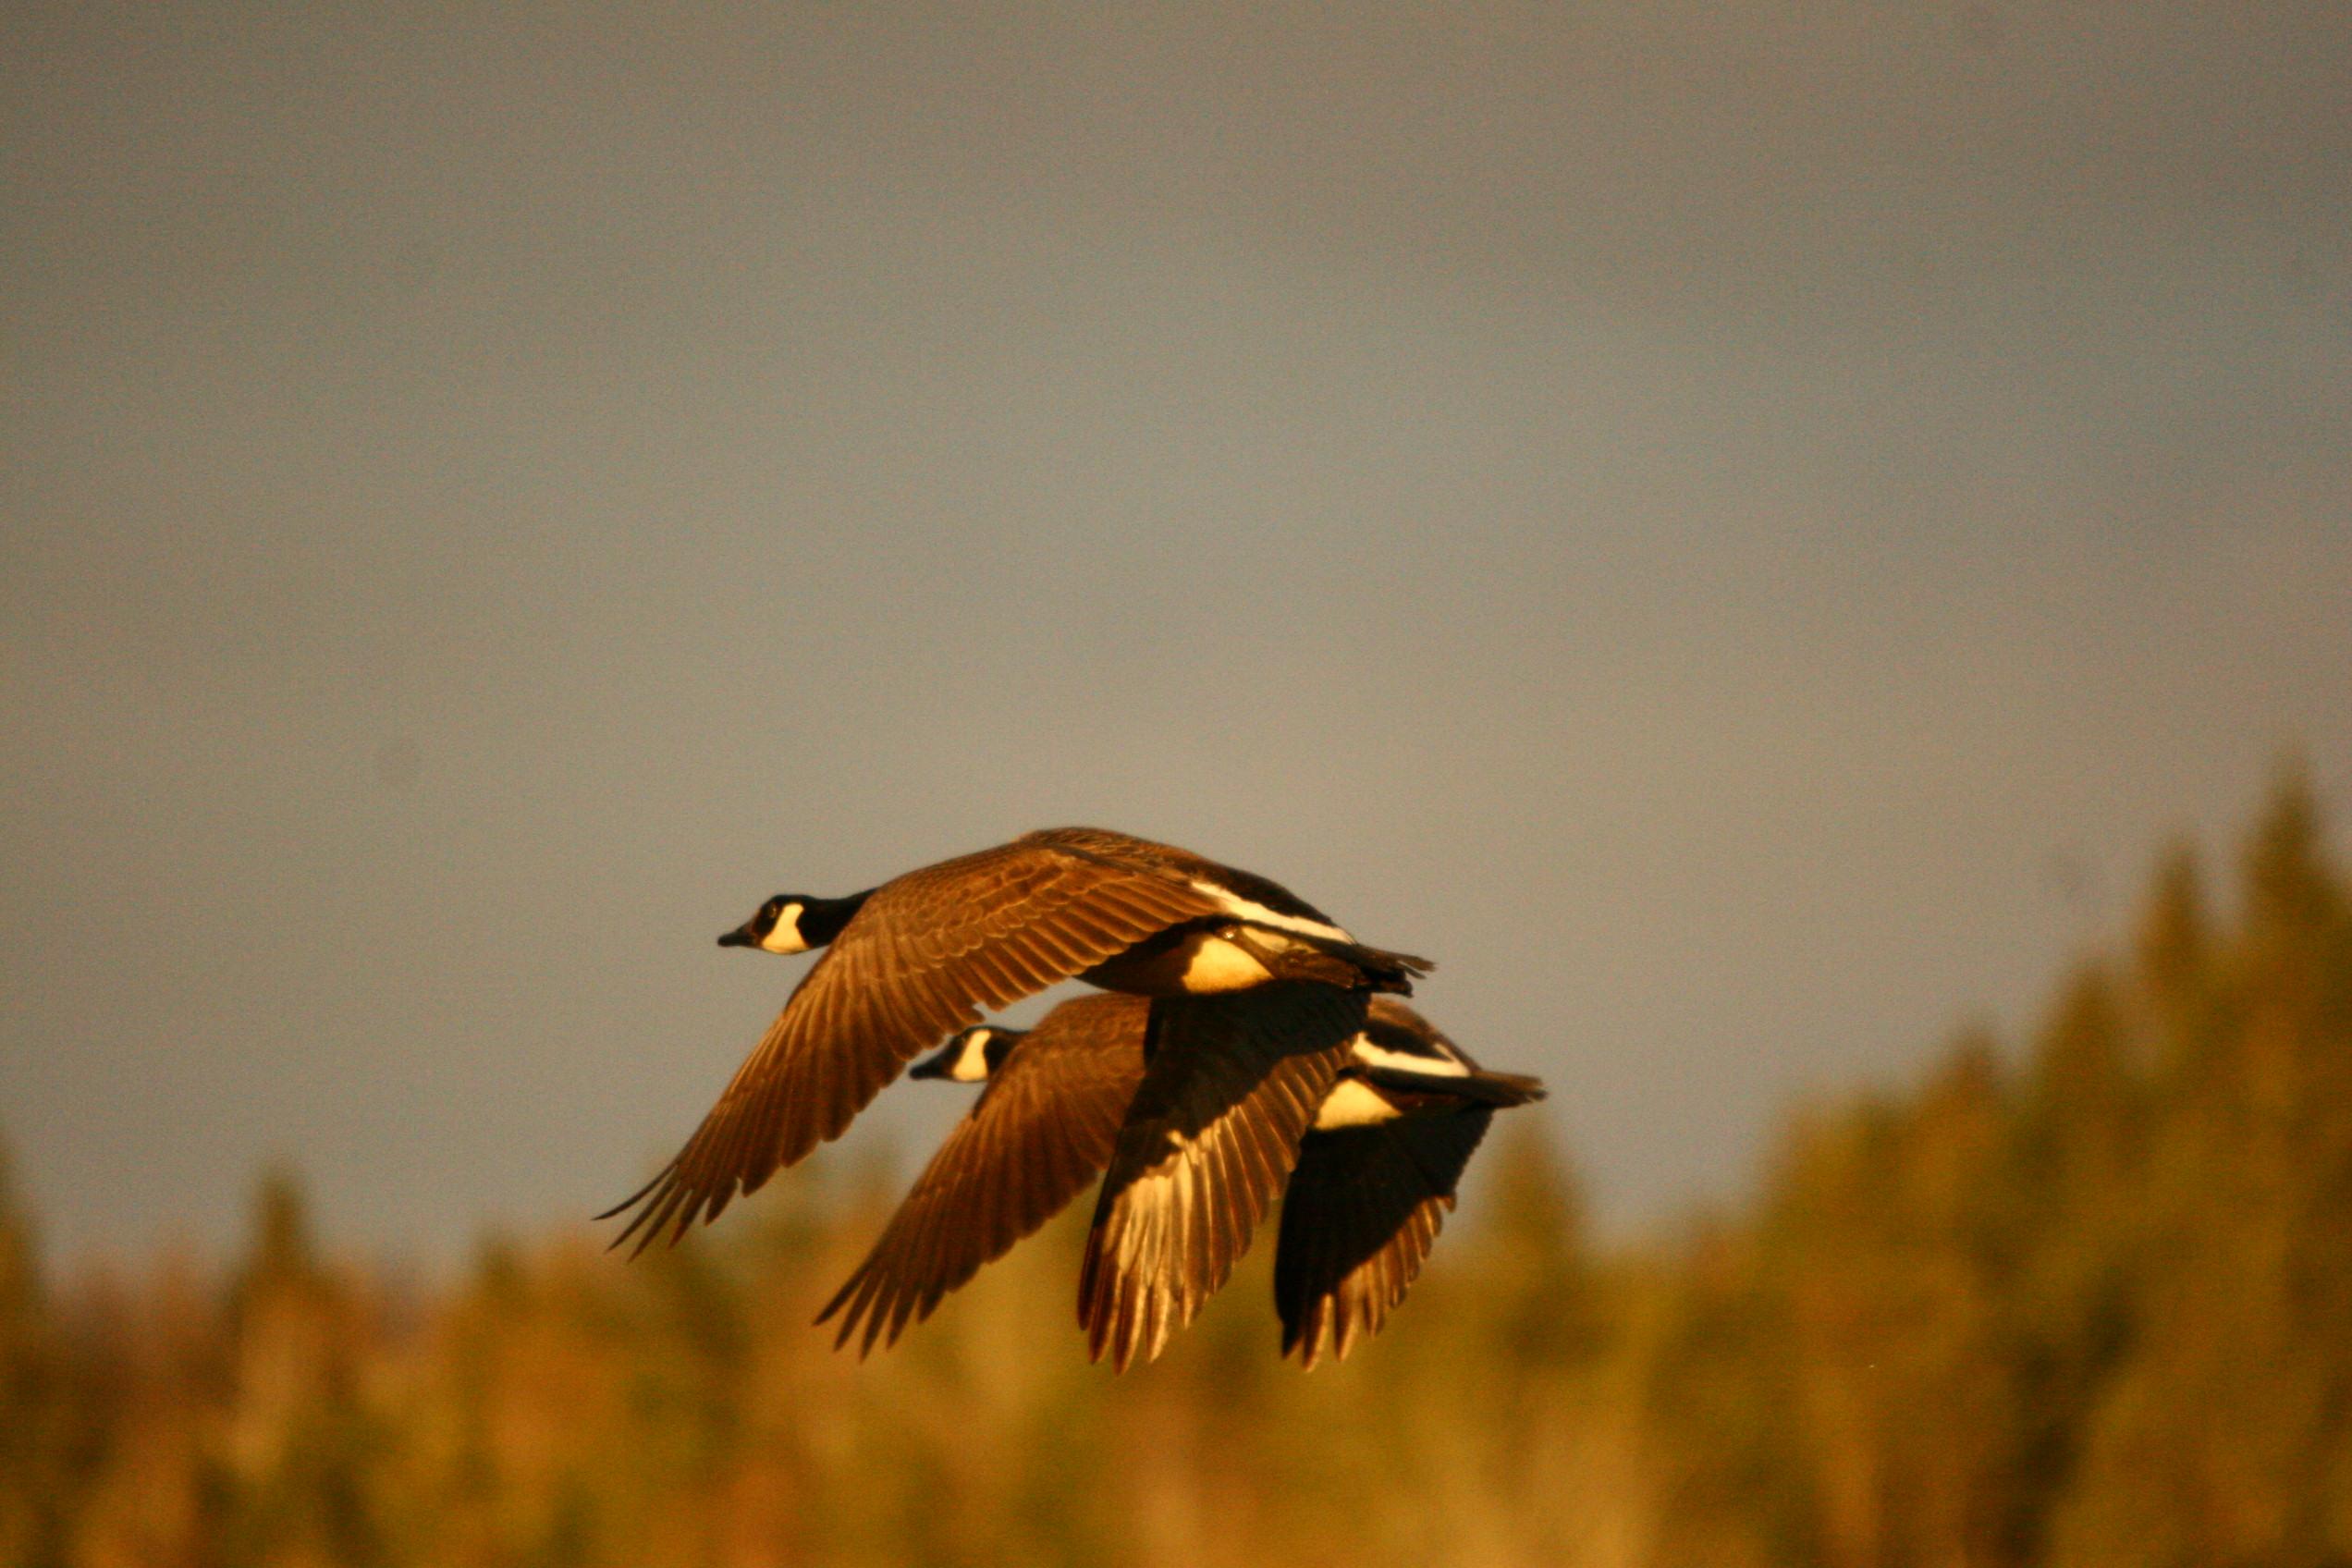 C. Geese in flight